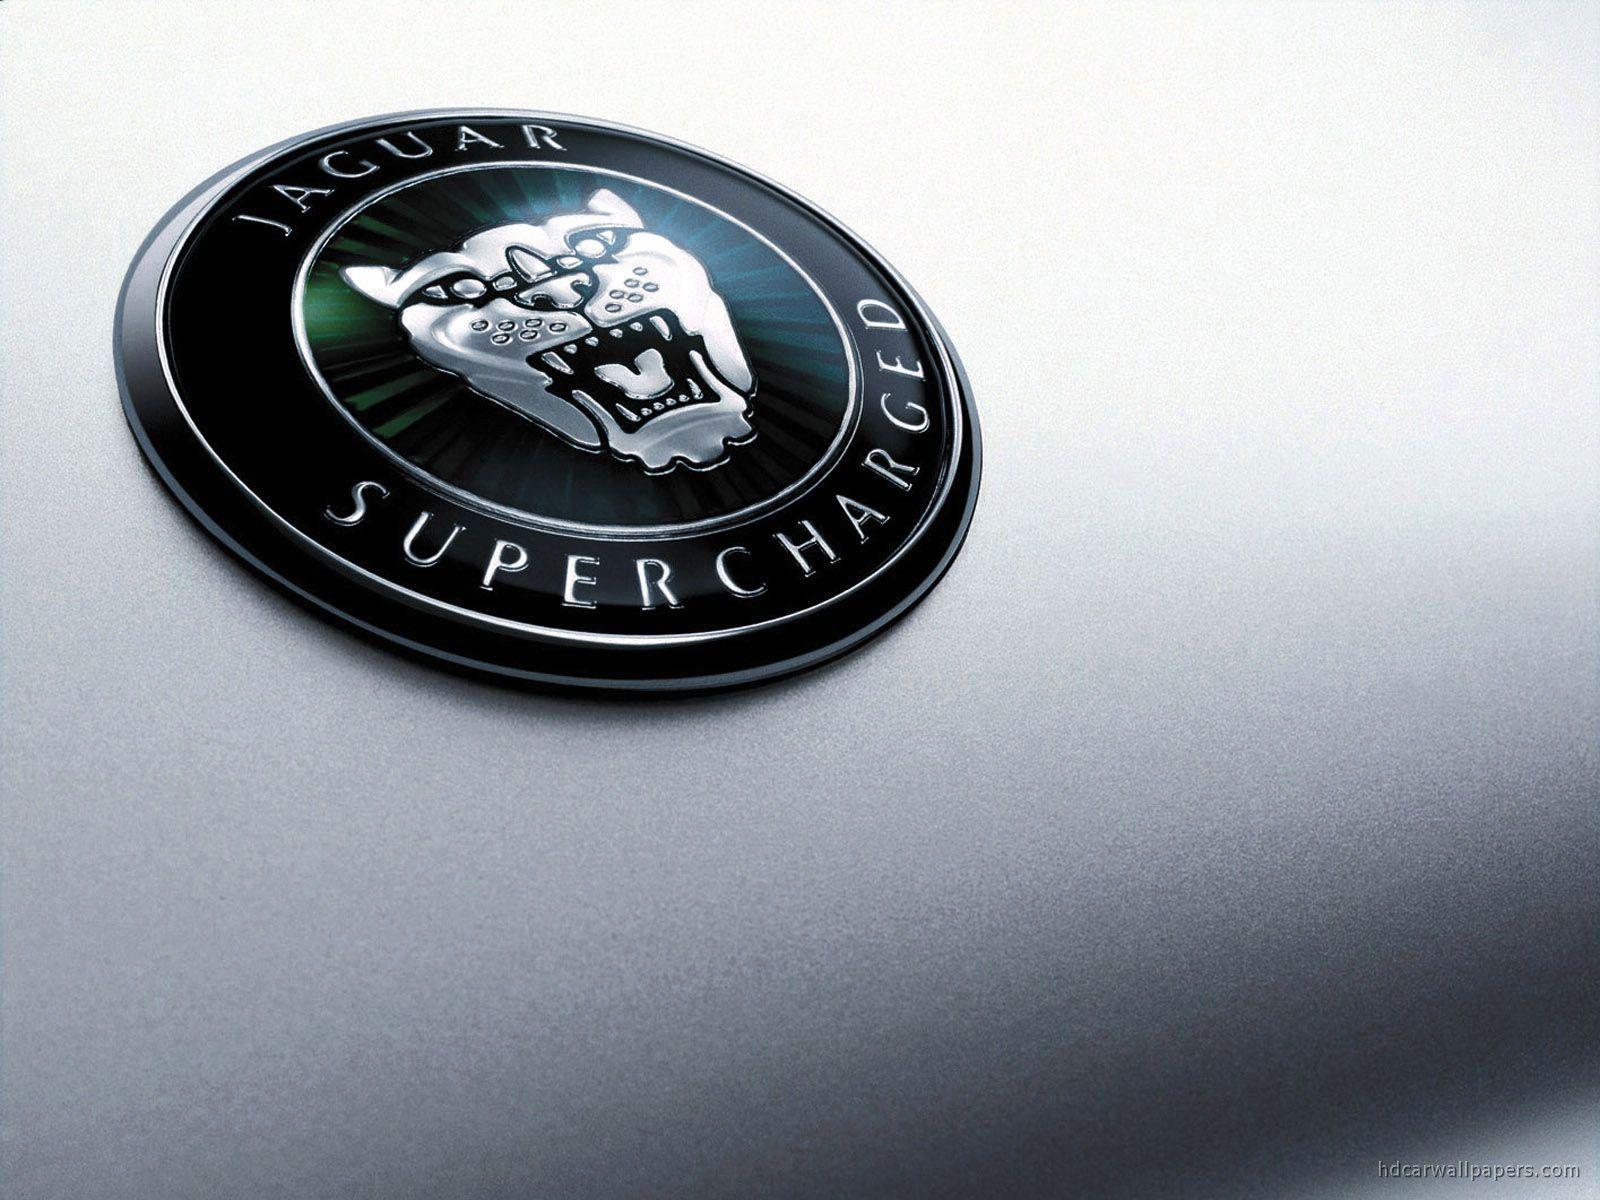 Hd Car Logo Wallpapers Wallpaper Cave